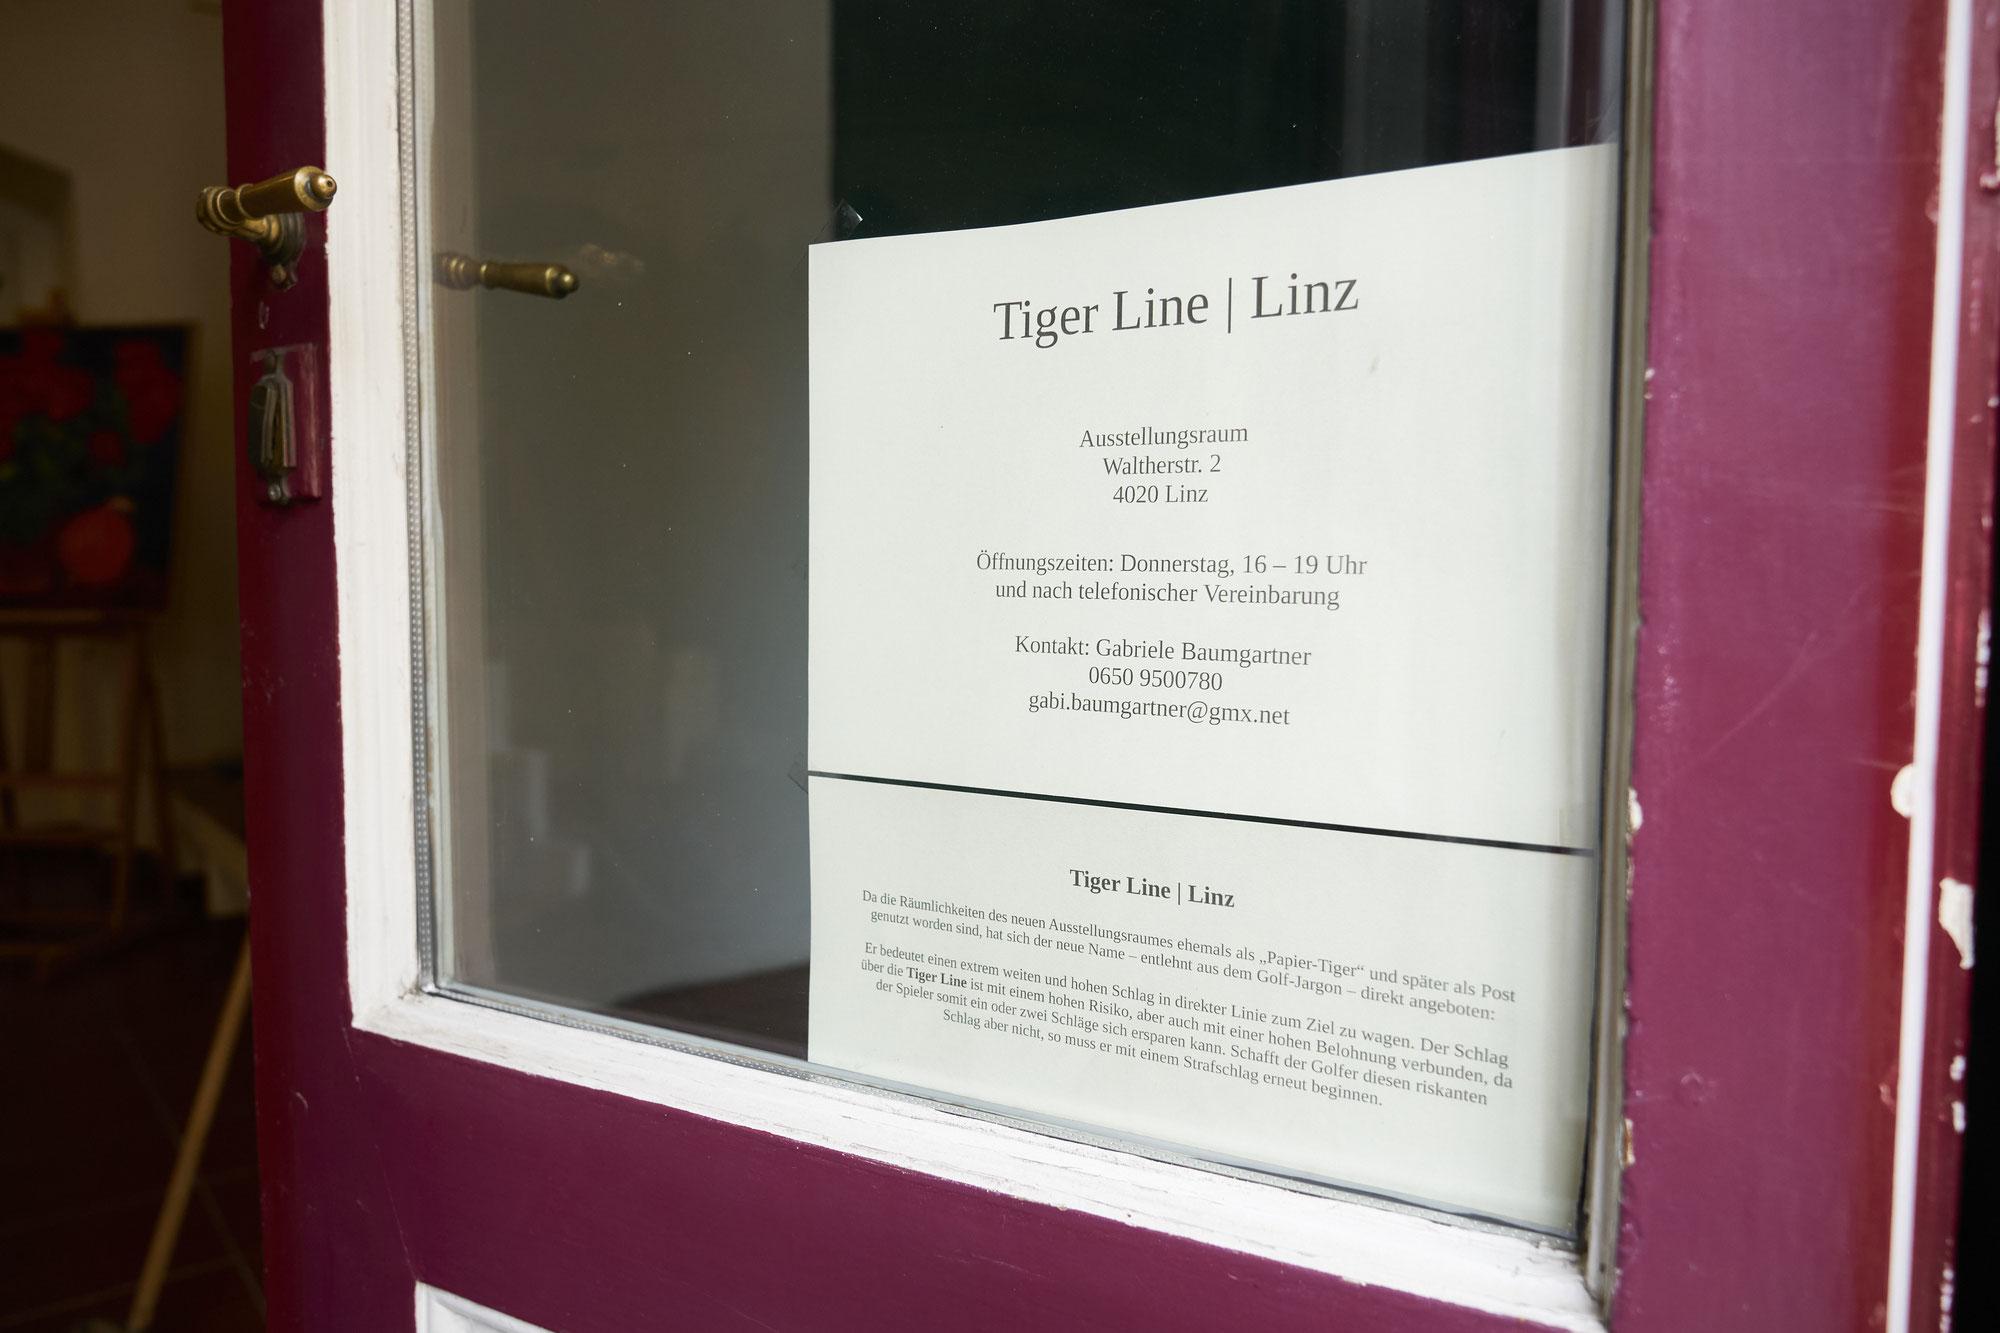 Neuer Ausstellungsraum: TIGER LINE   Linz